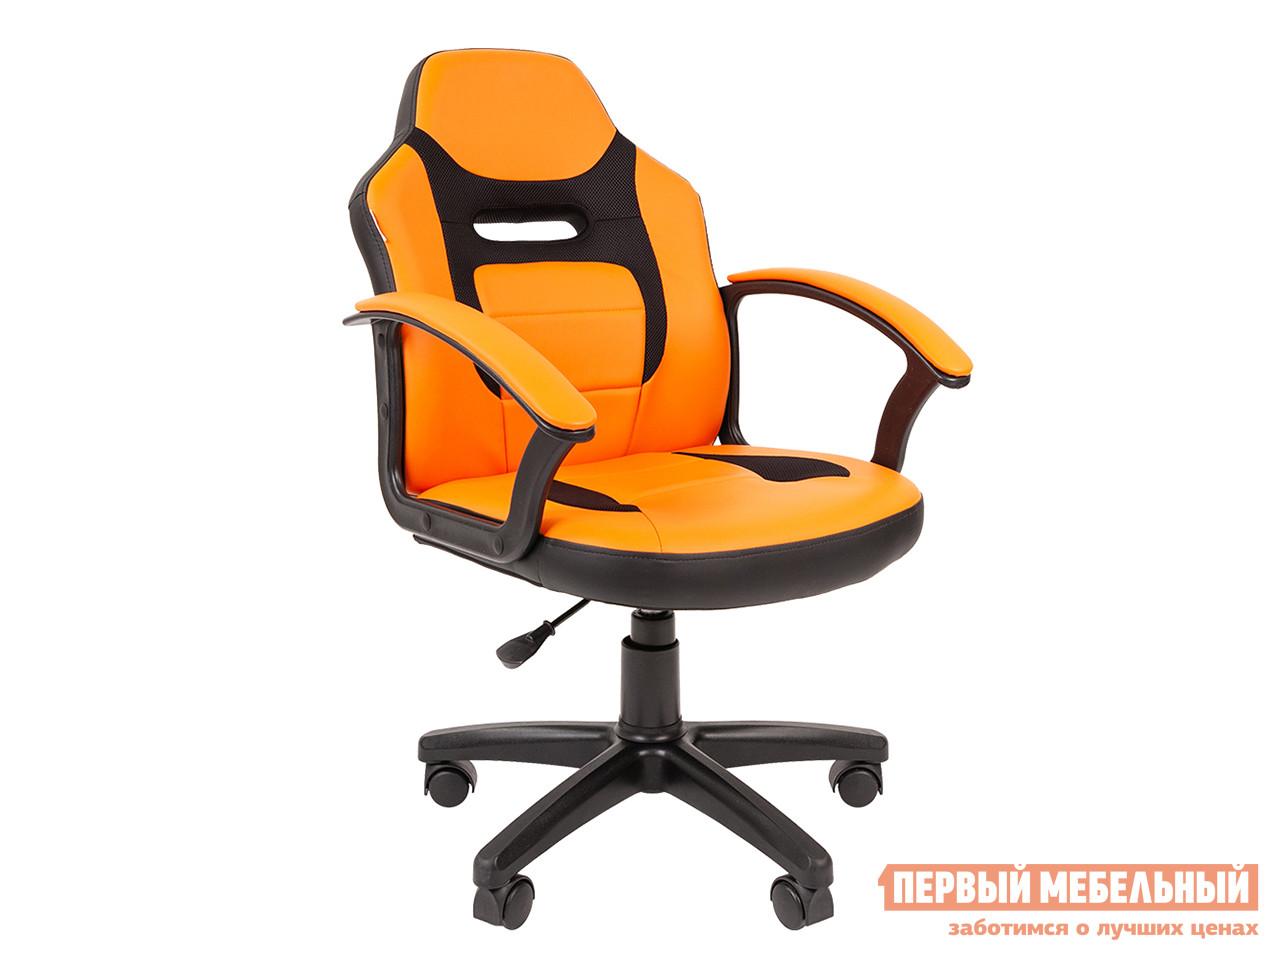 Детское компьютерное кресло  Детское компьютерное кресло CHAIRMAN KIDS 110 Ткань ТW / Экокожа черный / Оранжевый фото